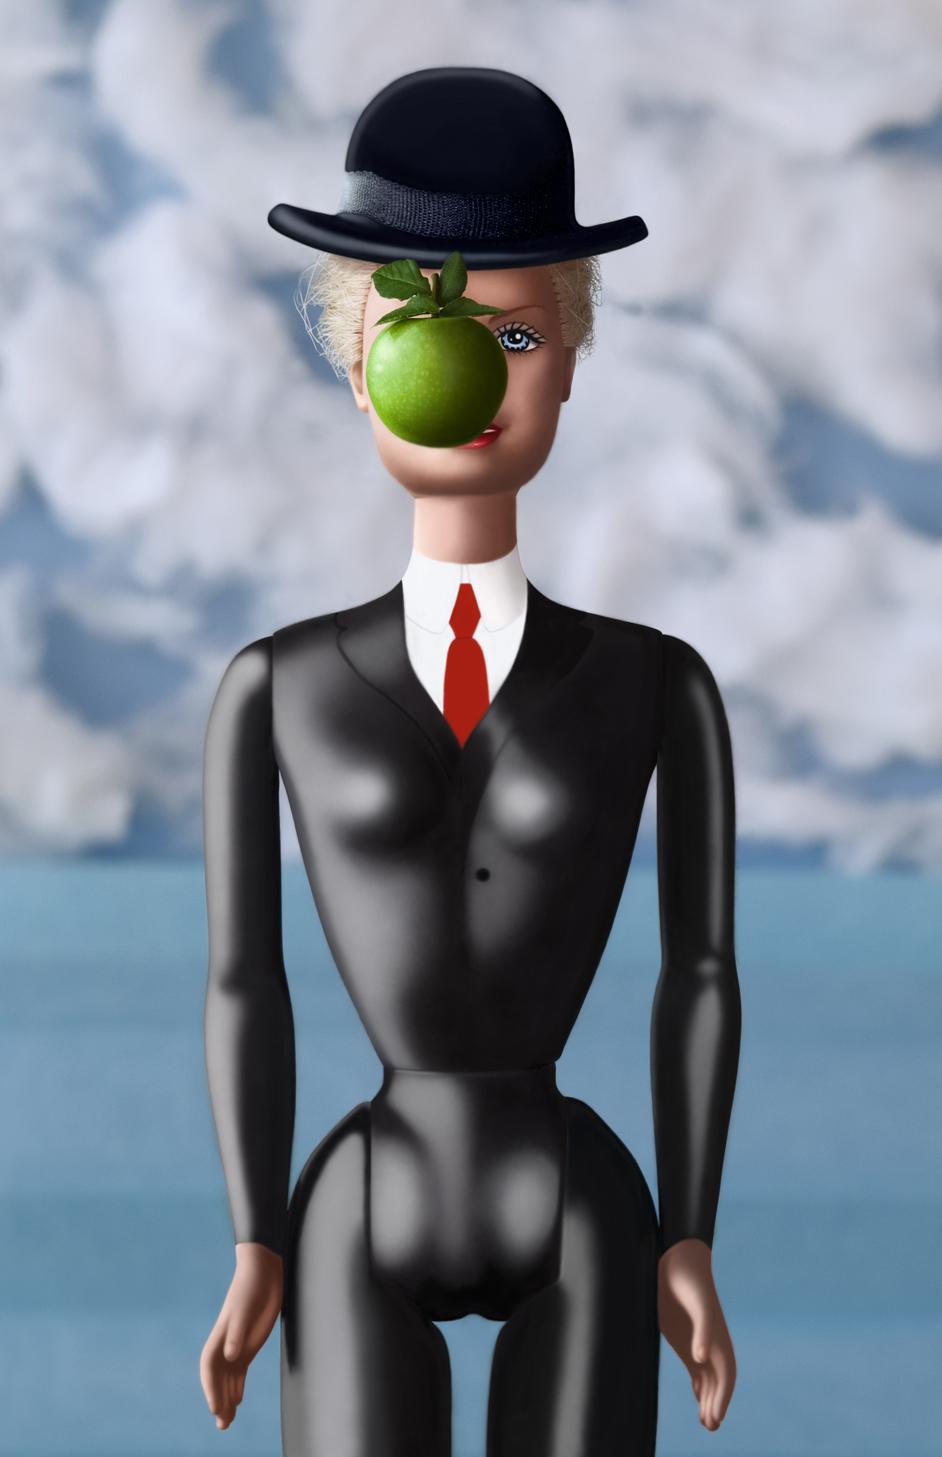 On a volé la pomme d'Adam. clin d'oeil à Magritte